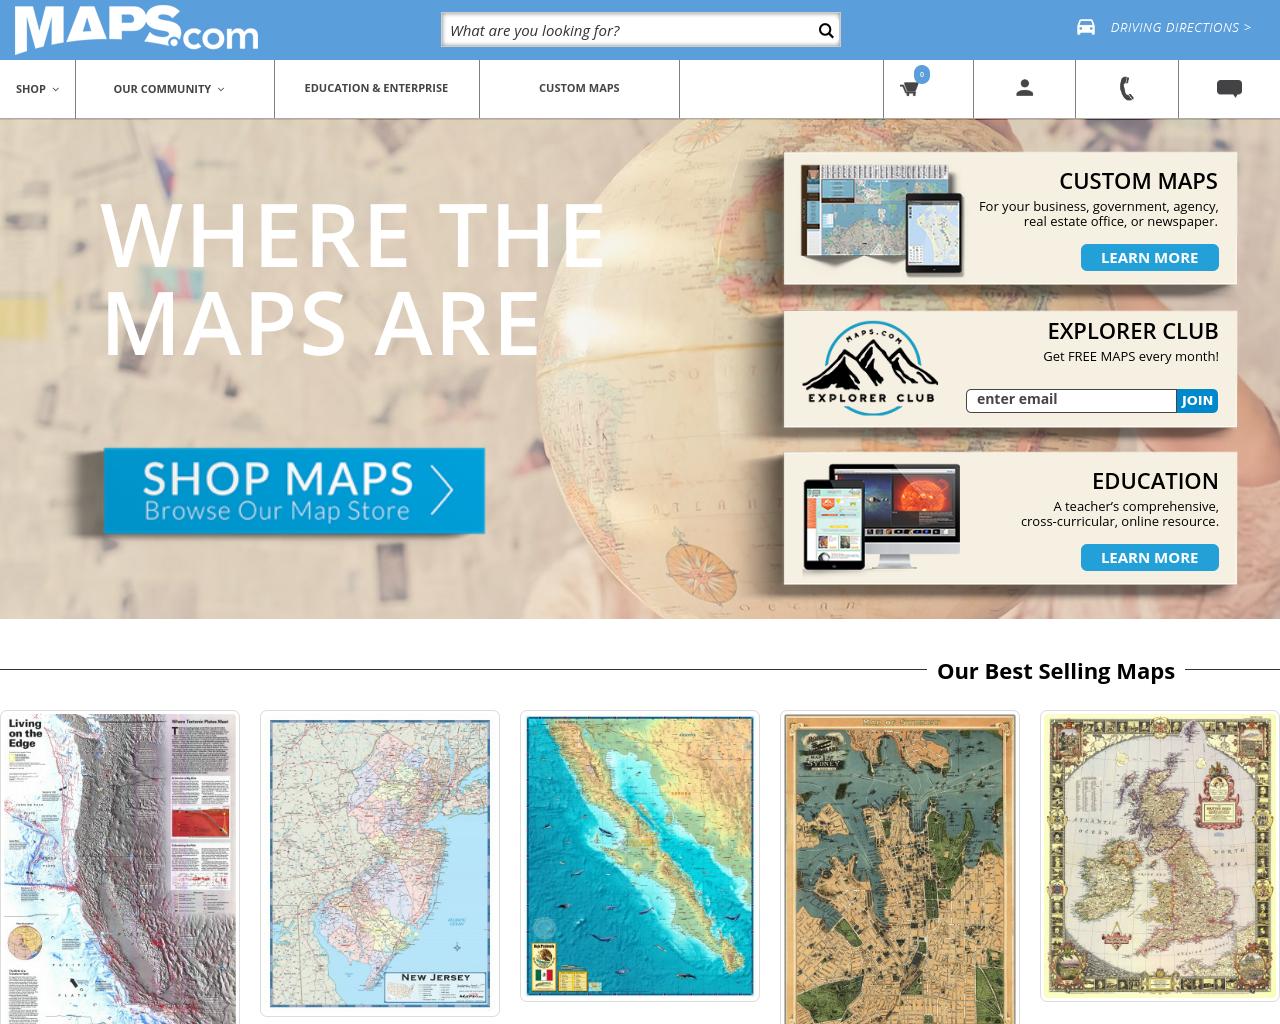 maps.com-Advertising-Reviews-Pricing